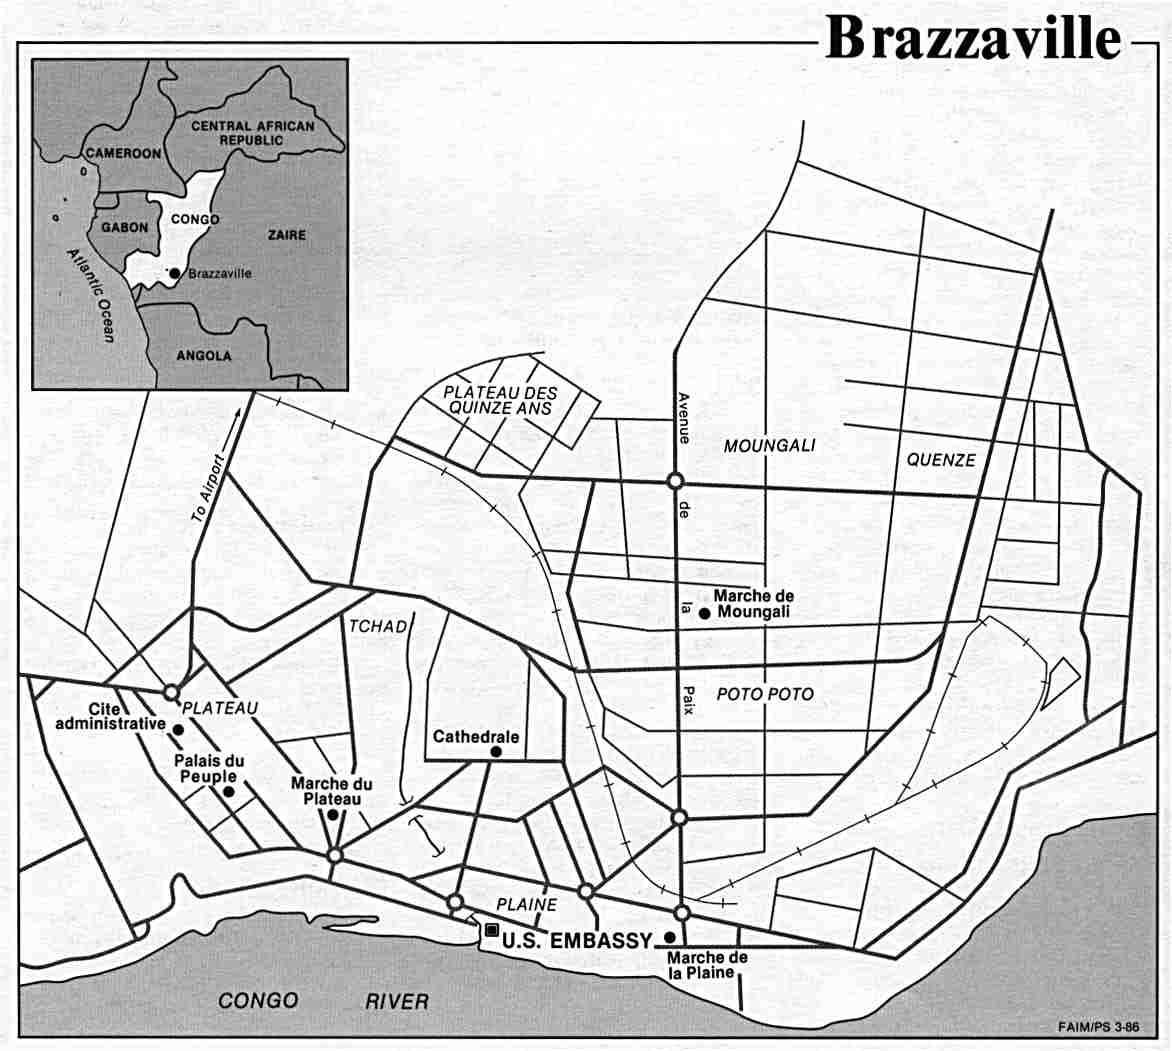 L'HISTOIRE DU CONGO A TRAVERS LES RUES DE BRAZZAVILLE (jusqu'en 1986) par Jean-Pierre Banzouzi